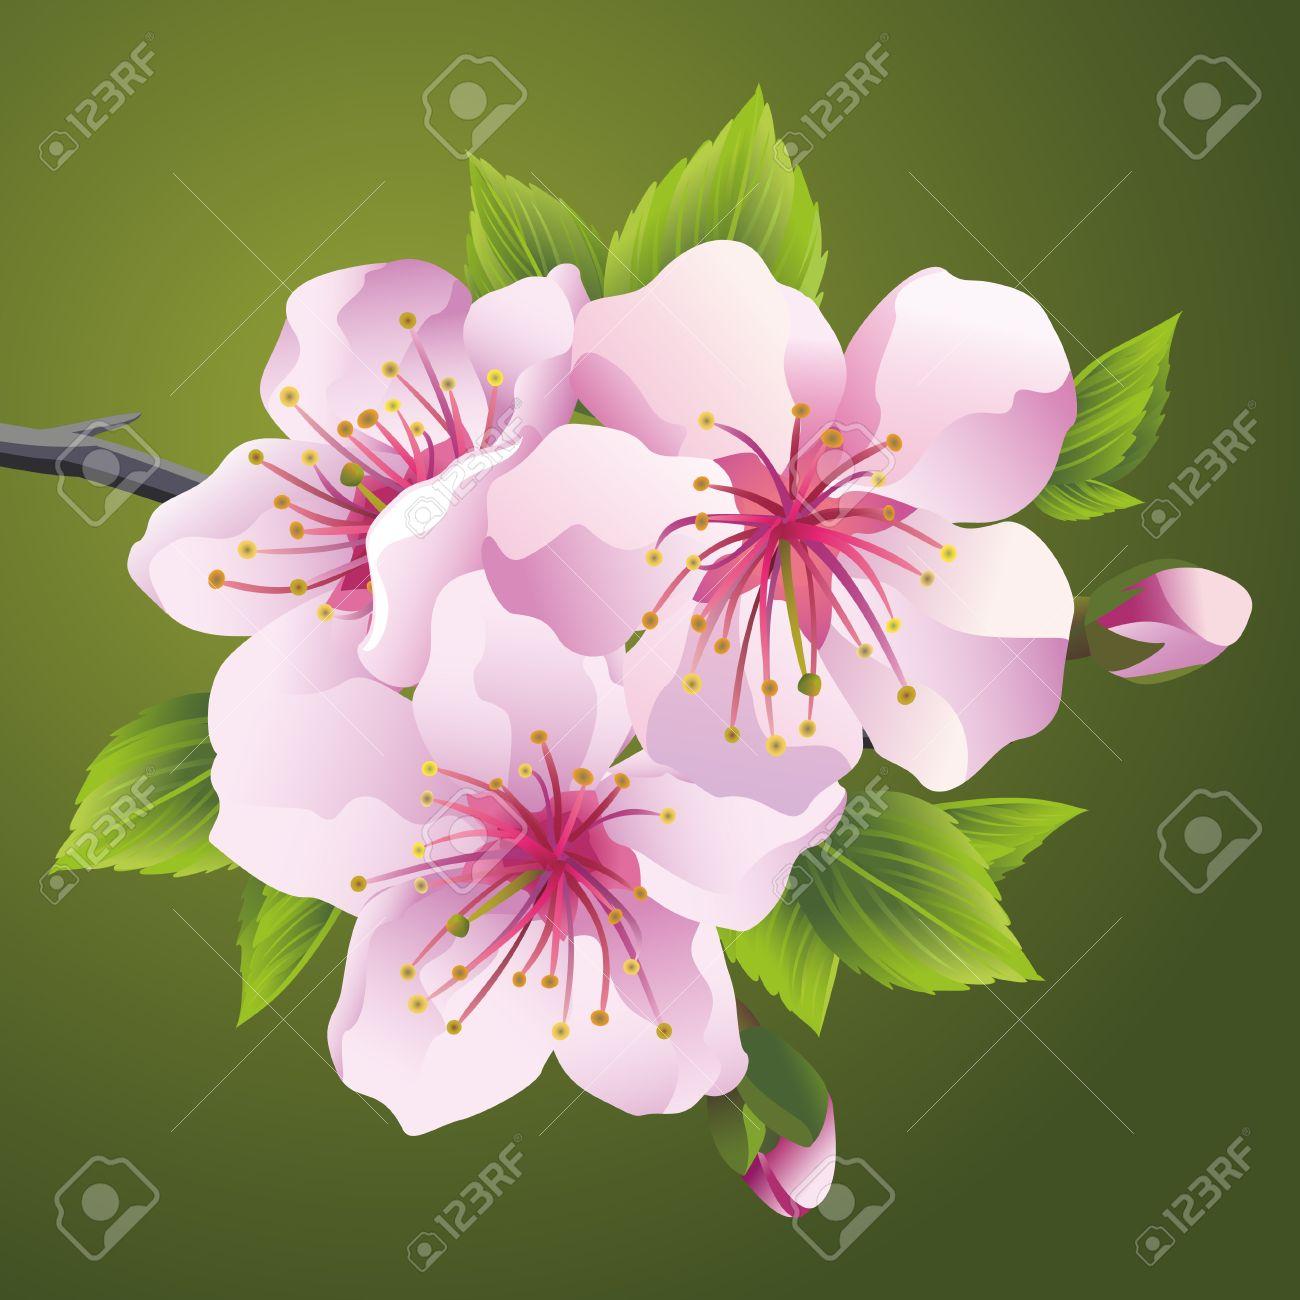 日本の桜さくらピンクの開花枝 美しい桜の花 緑の背景に分離されました スタイリッシュな花の壁紙 ベクトル イラストのイラスト素材 ベクタ Image